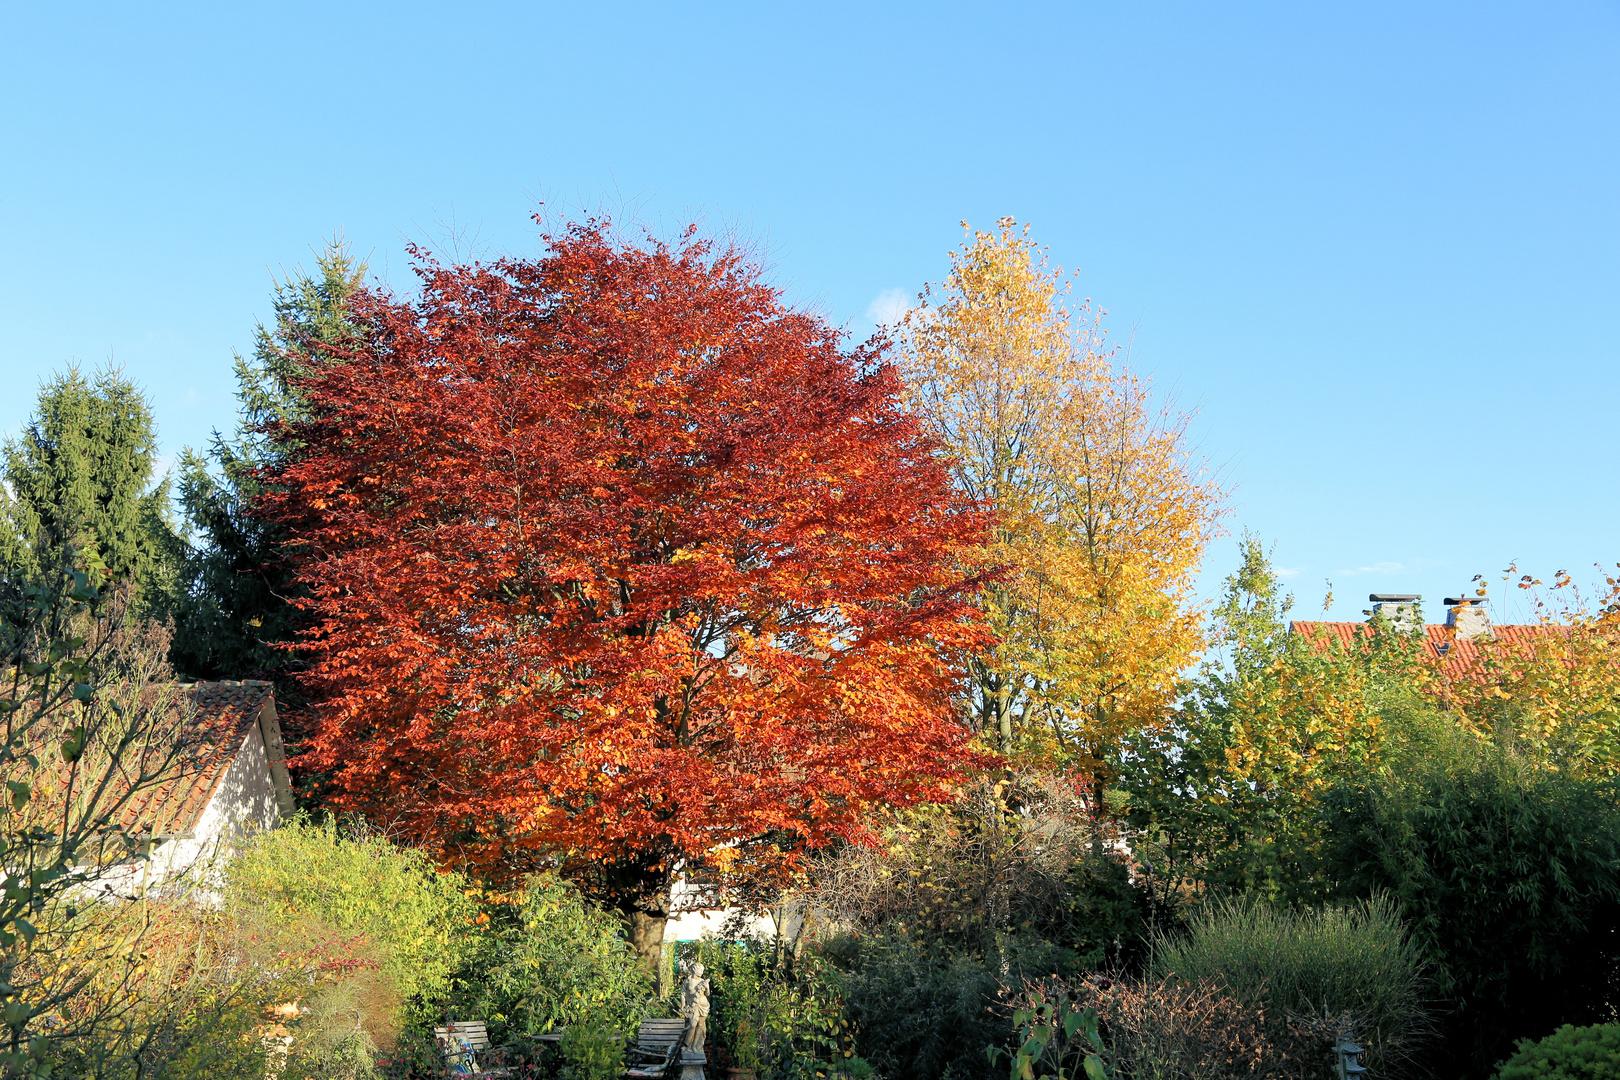 Wie man sieht macht der Herbst auch vor unserem Garten keinen Halt!